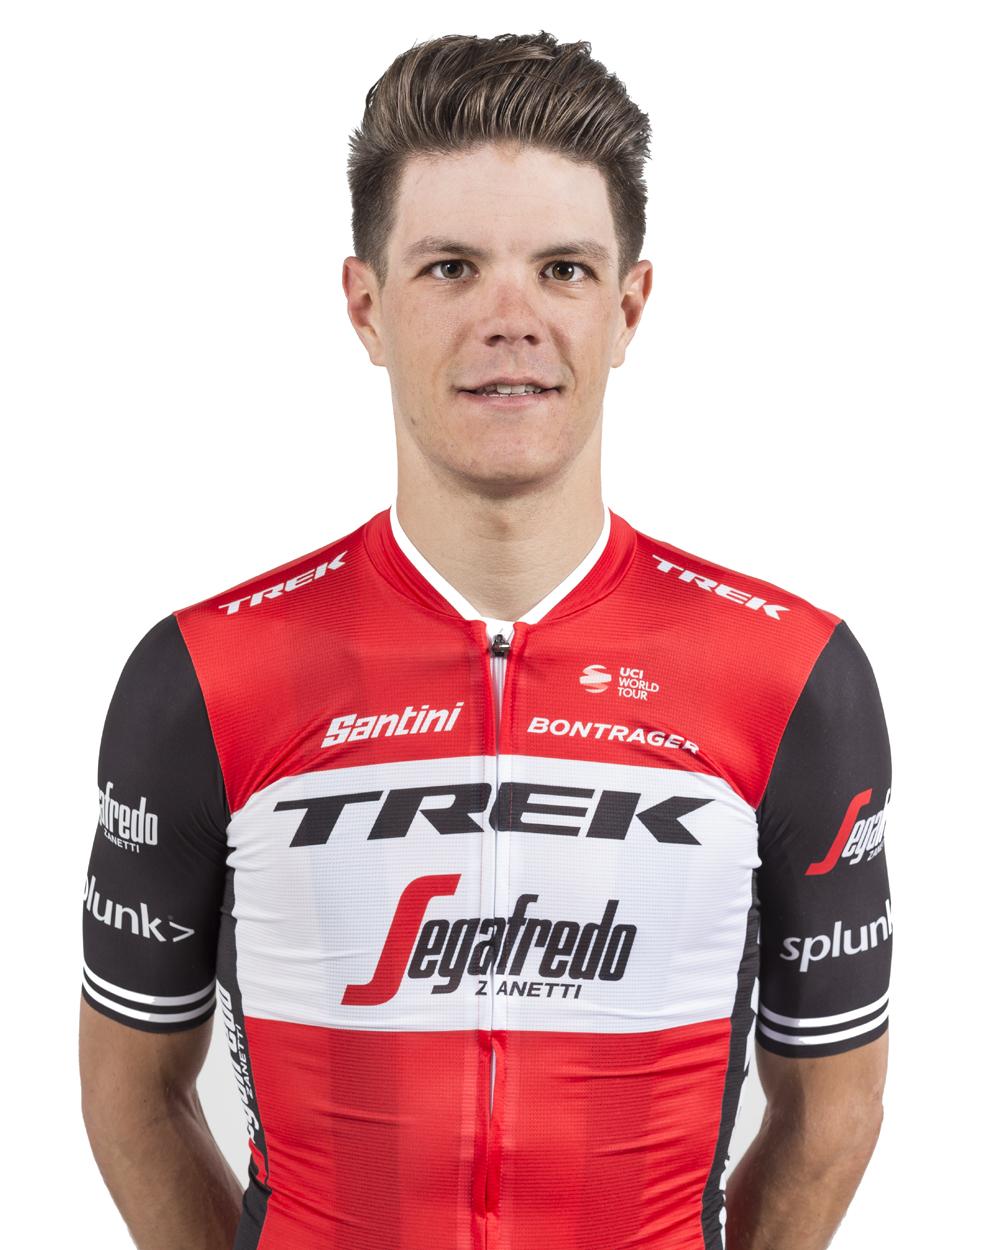 2019_Trek_Segafredo_UCI_Portrait_Jasper_Stuyven.jpg